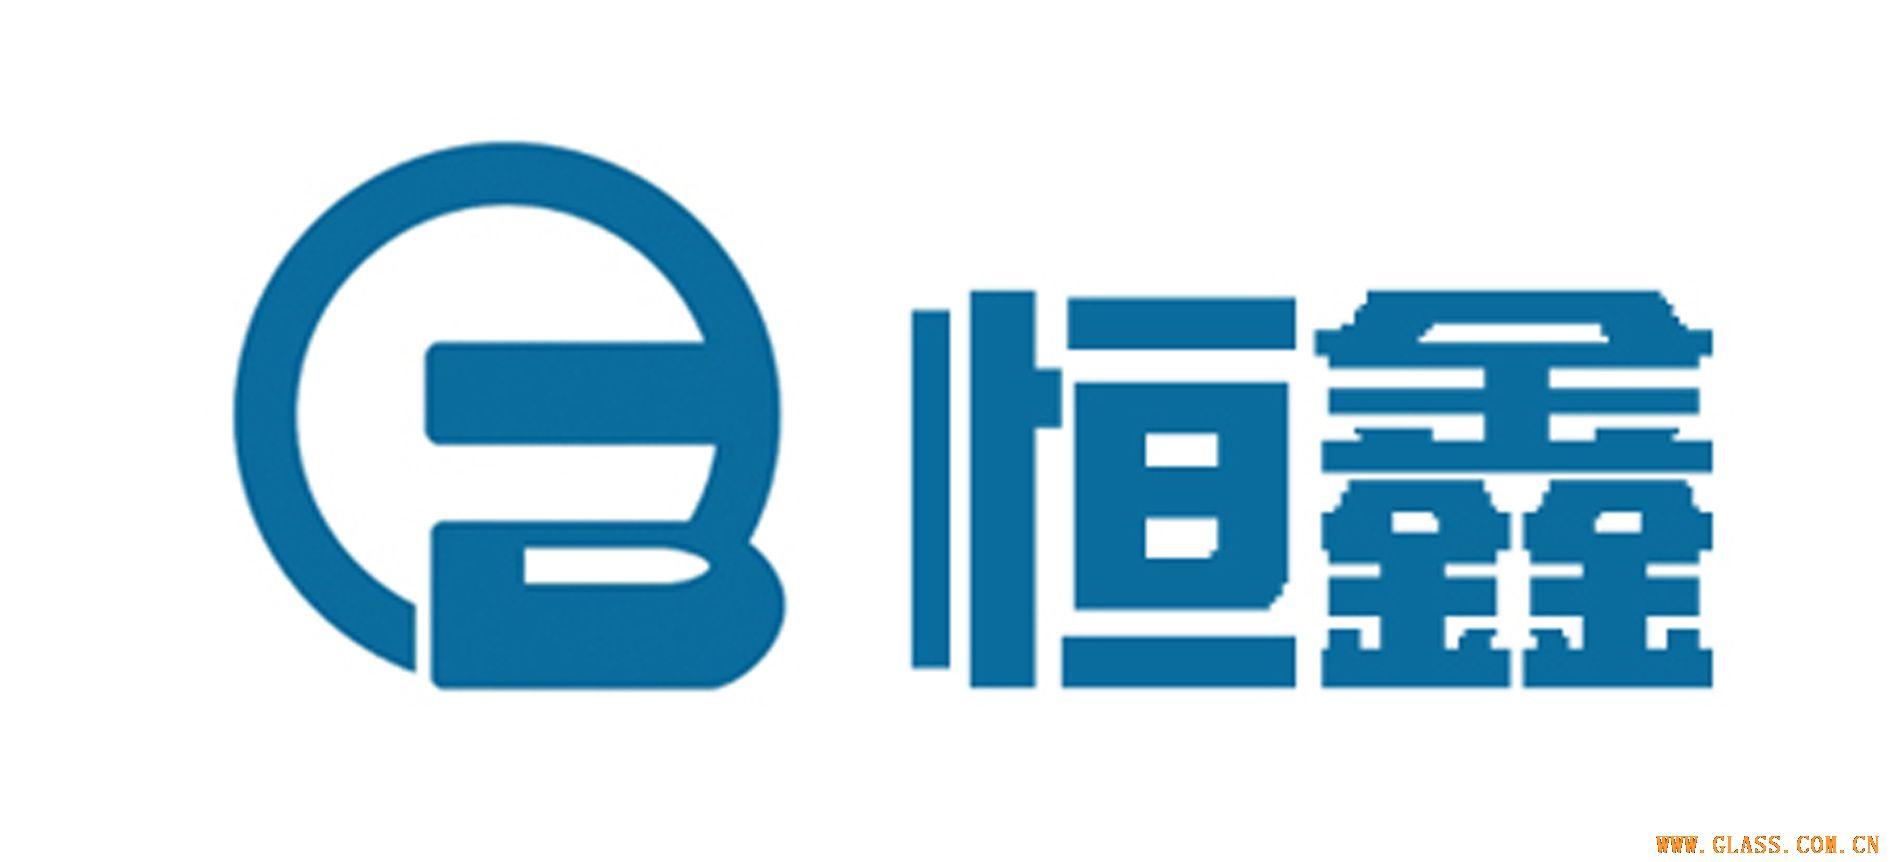 logo 标识 标志 设计 矢量 矢量图 素材 图标 1896_862